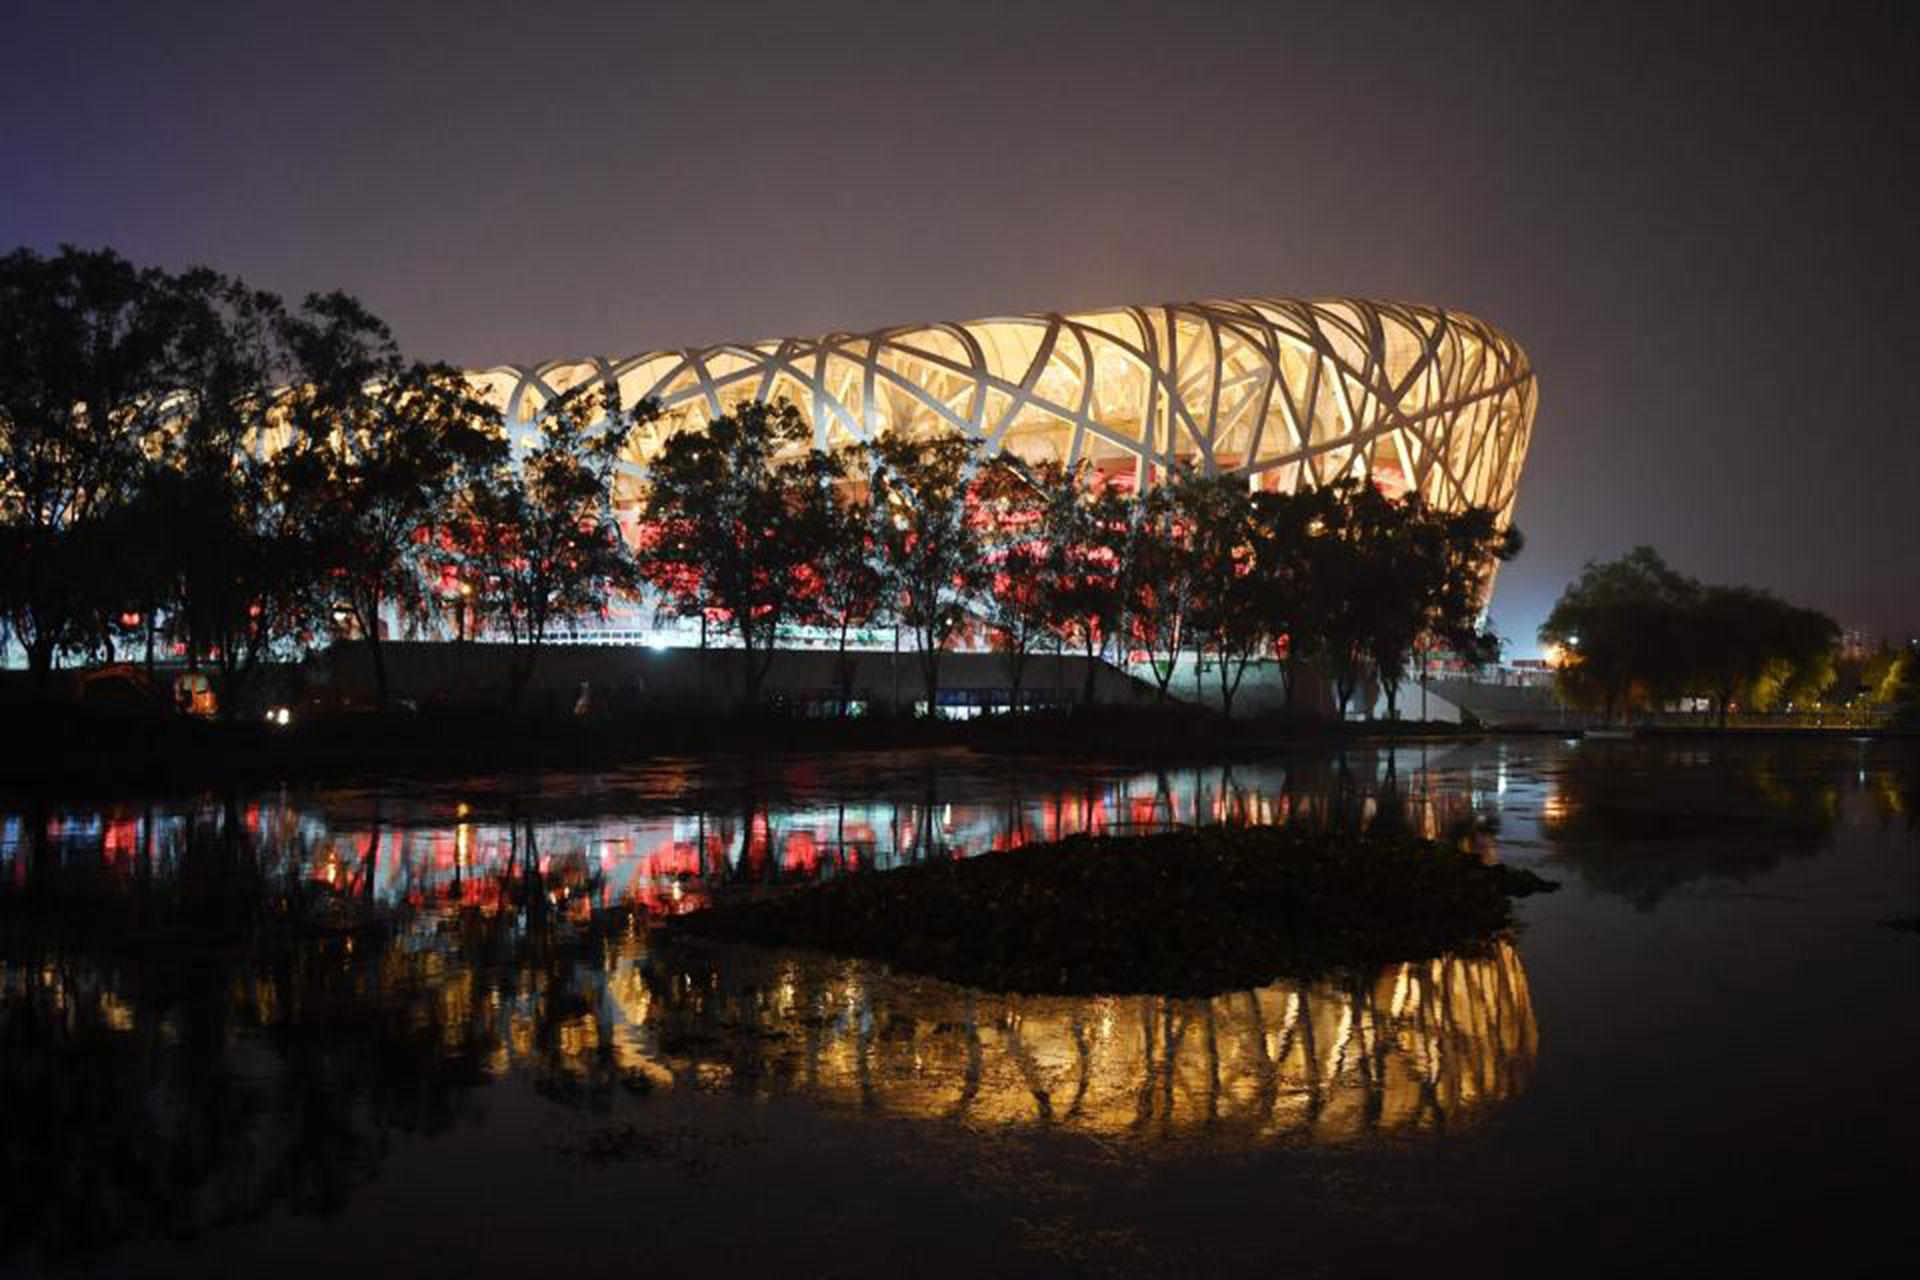 La basura se acumula en el Estadio Nacional, también conocido como El Nido del Pájaro